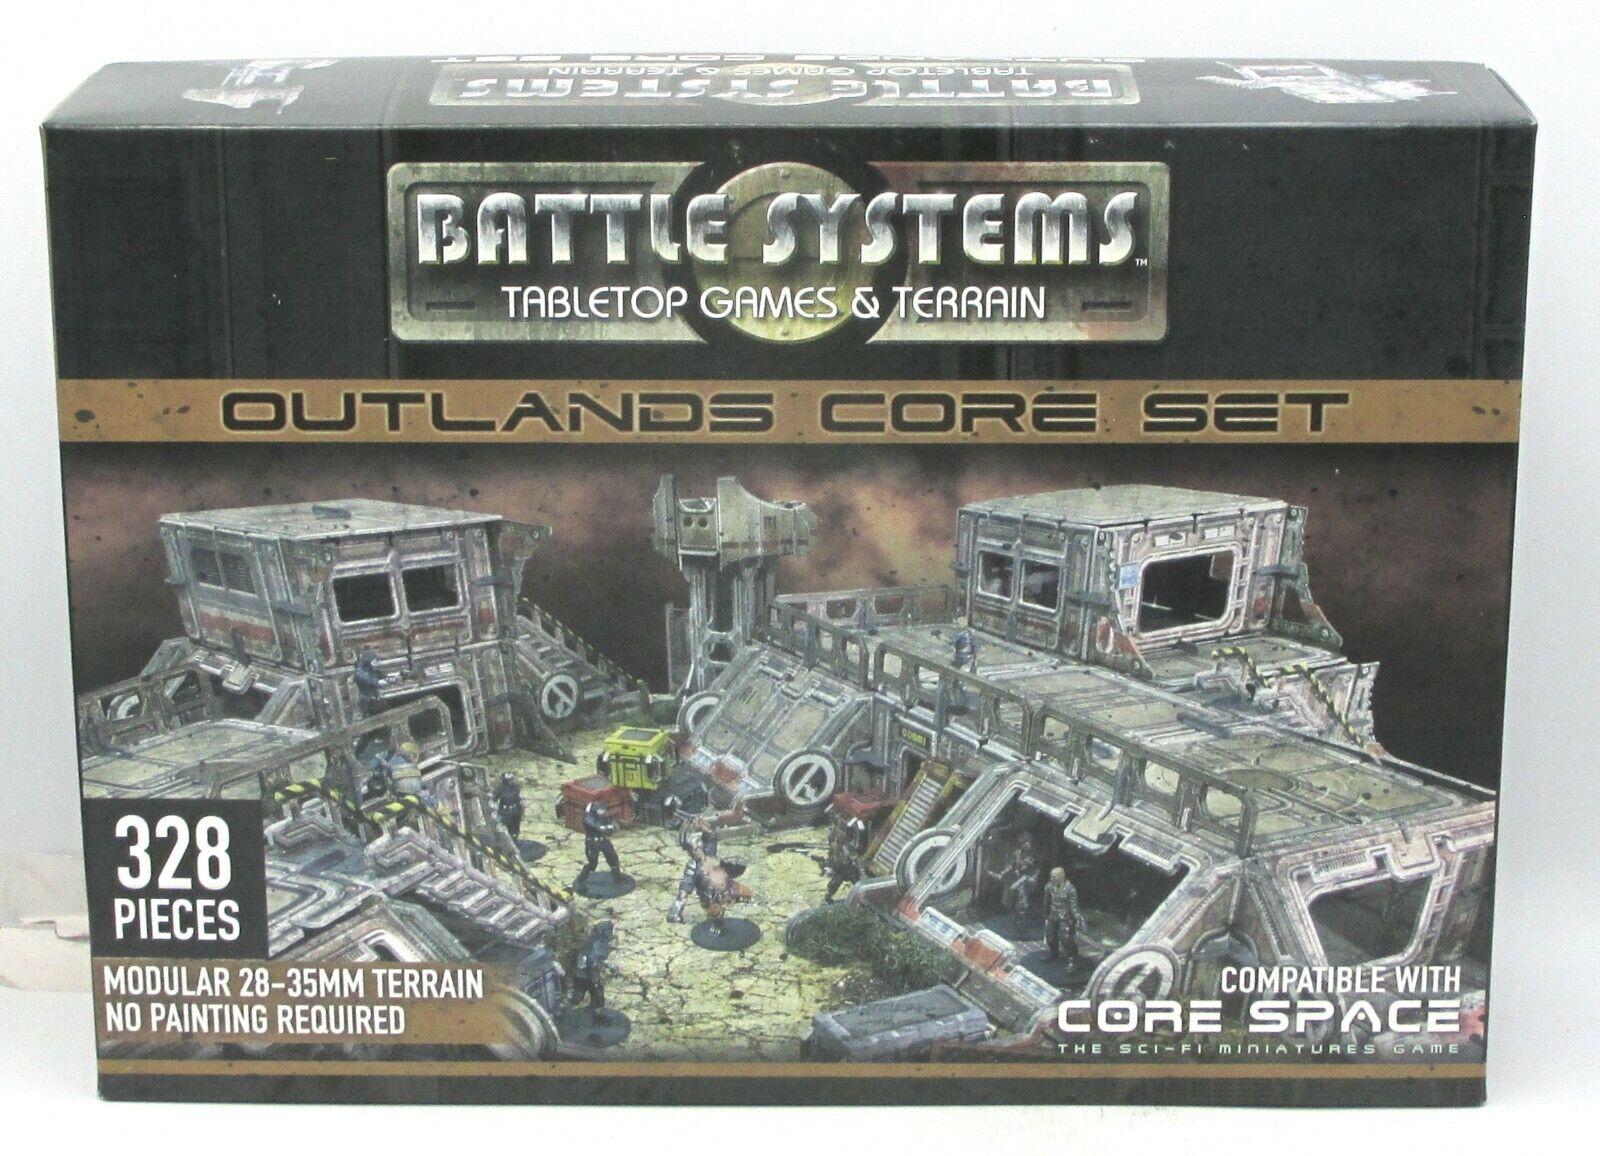 Sistema de combate bstsc003 núcleo extraterrestre (Ciencia - ficción) ficción) ficción) 453